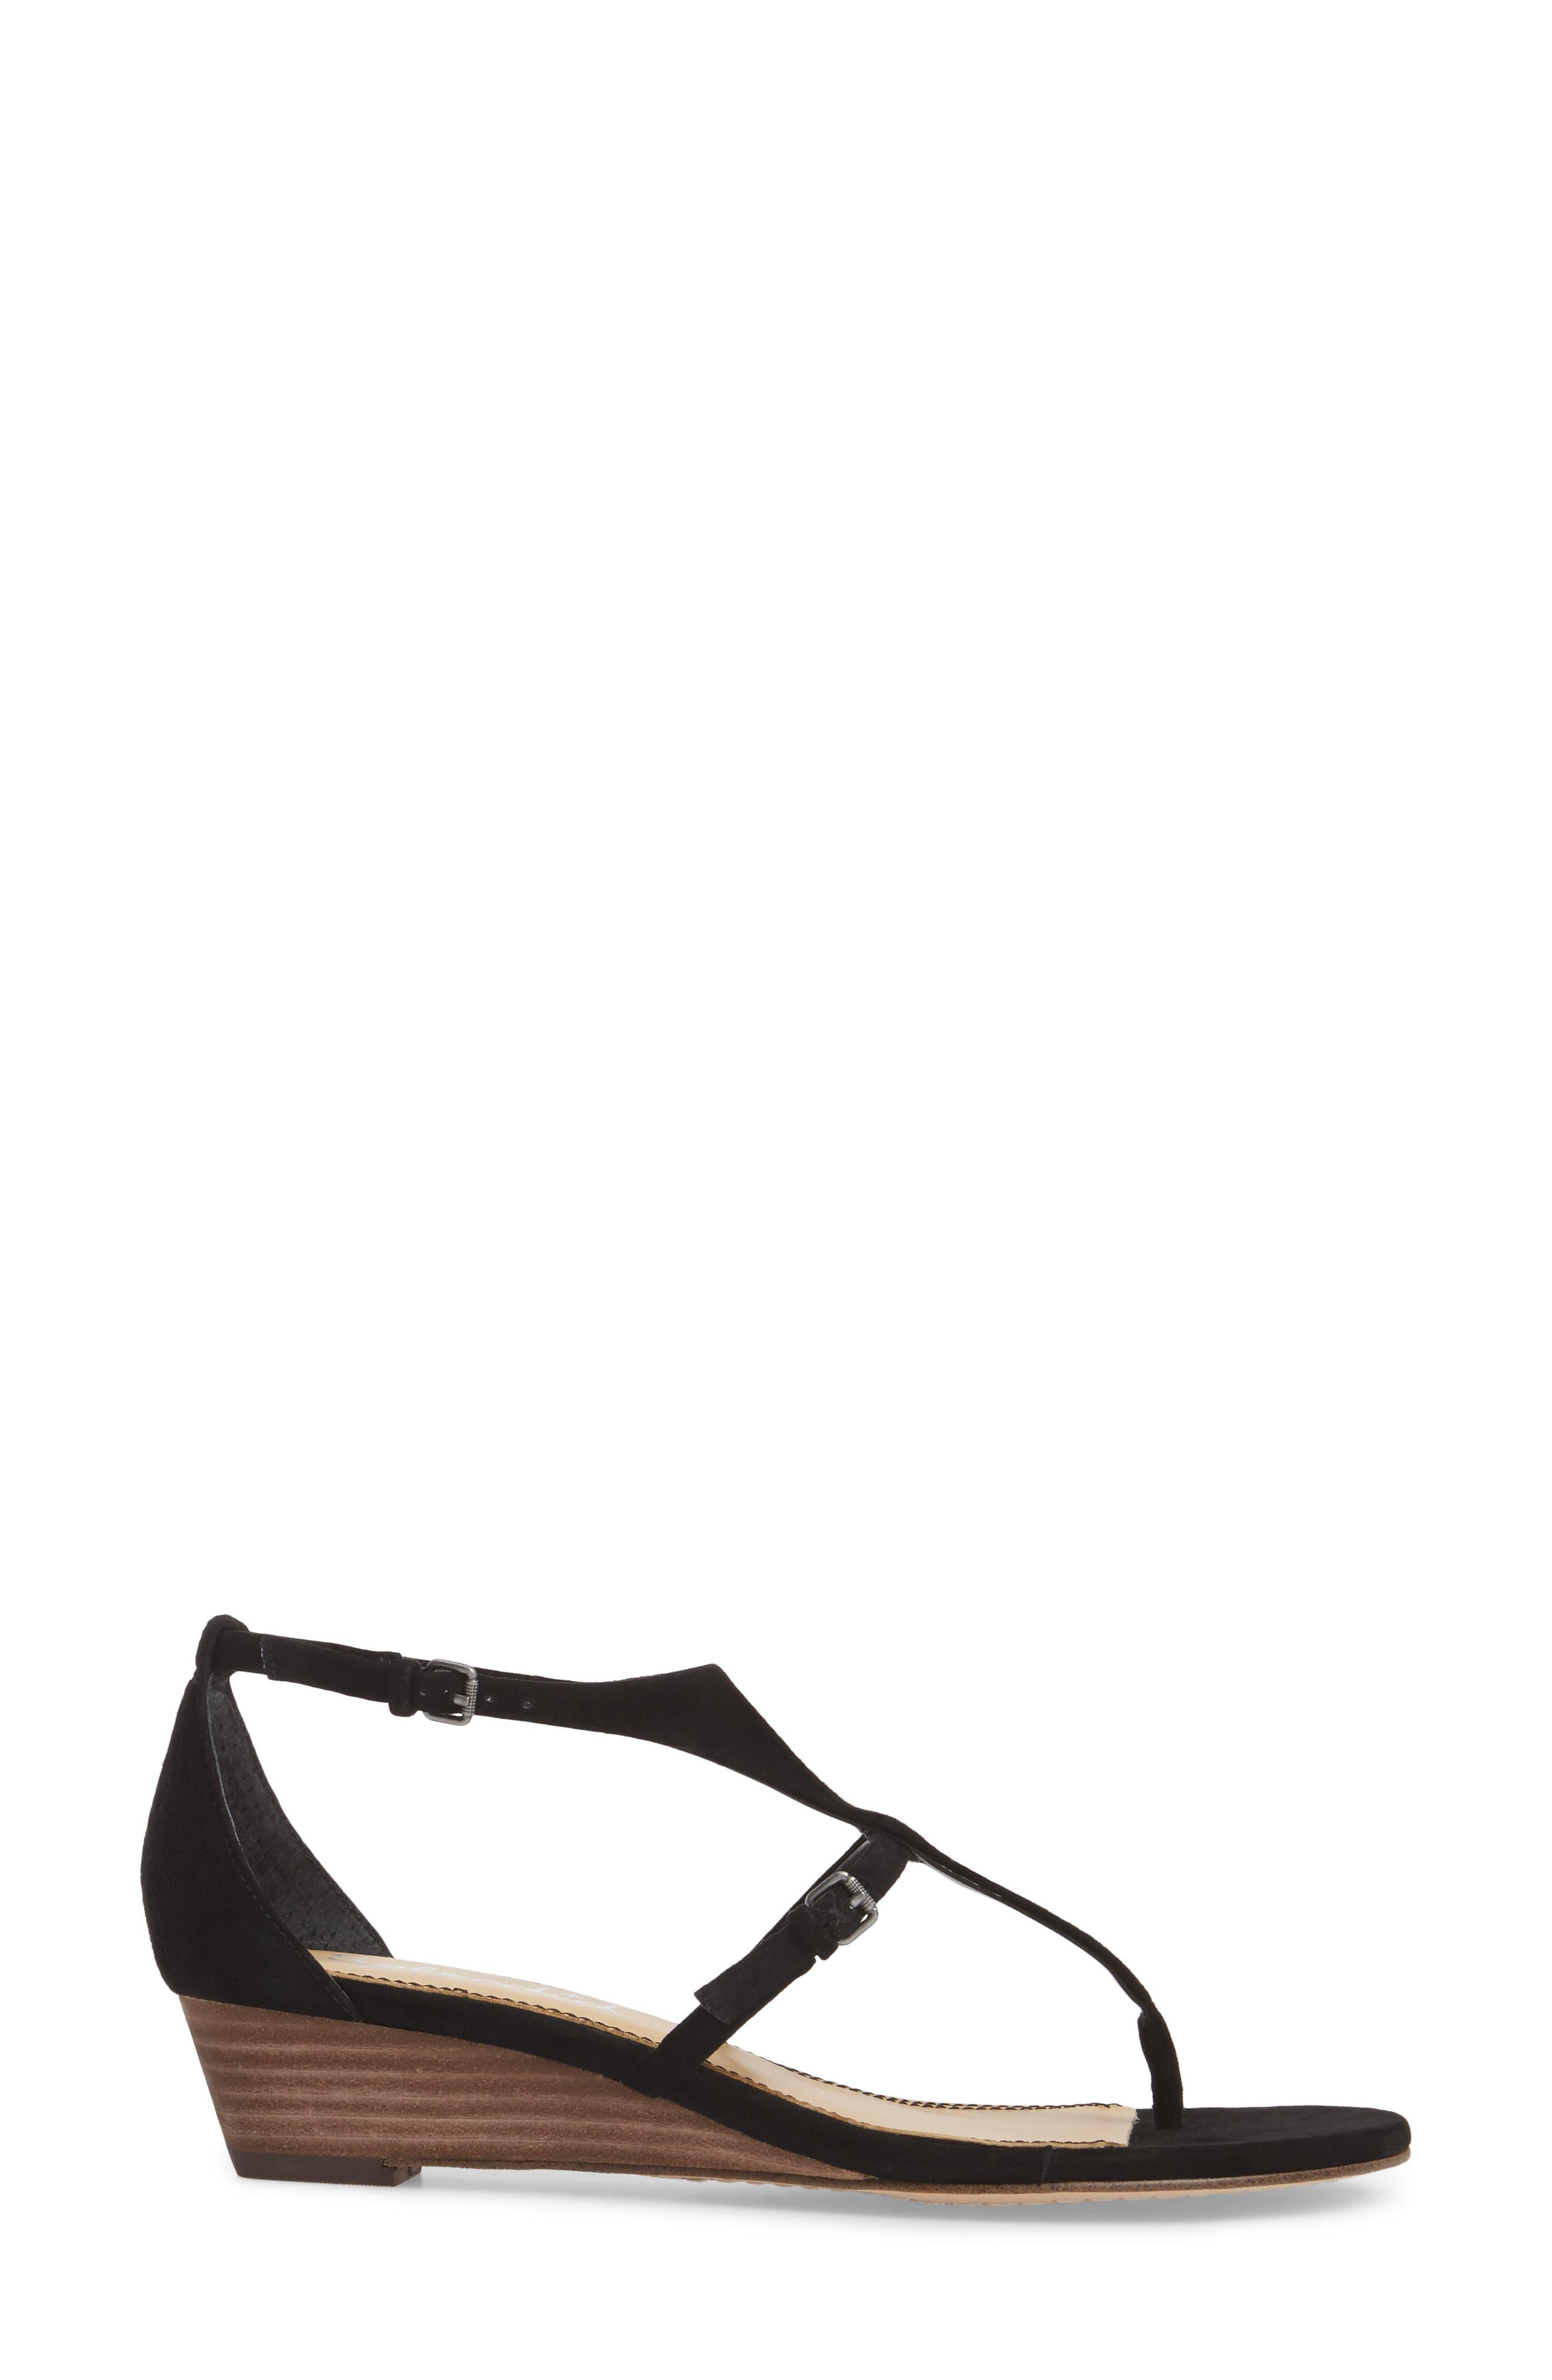 Alternate Image 3  - Splendid Brooklyn V-Strap Wedge Sandal (Women)